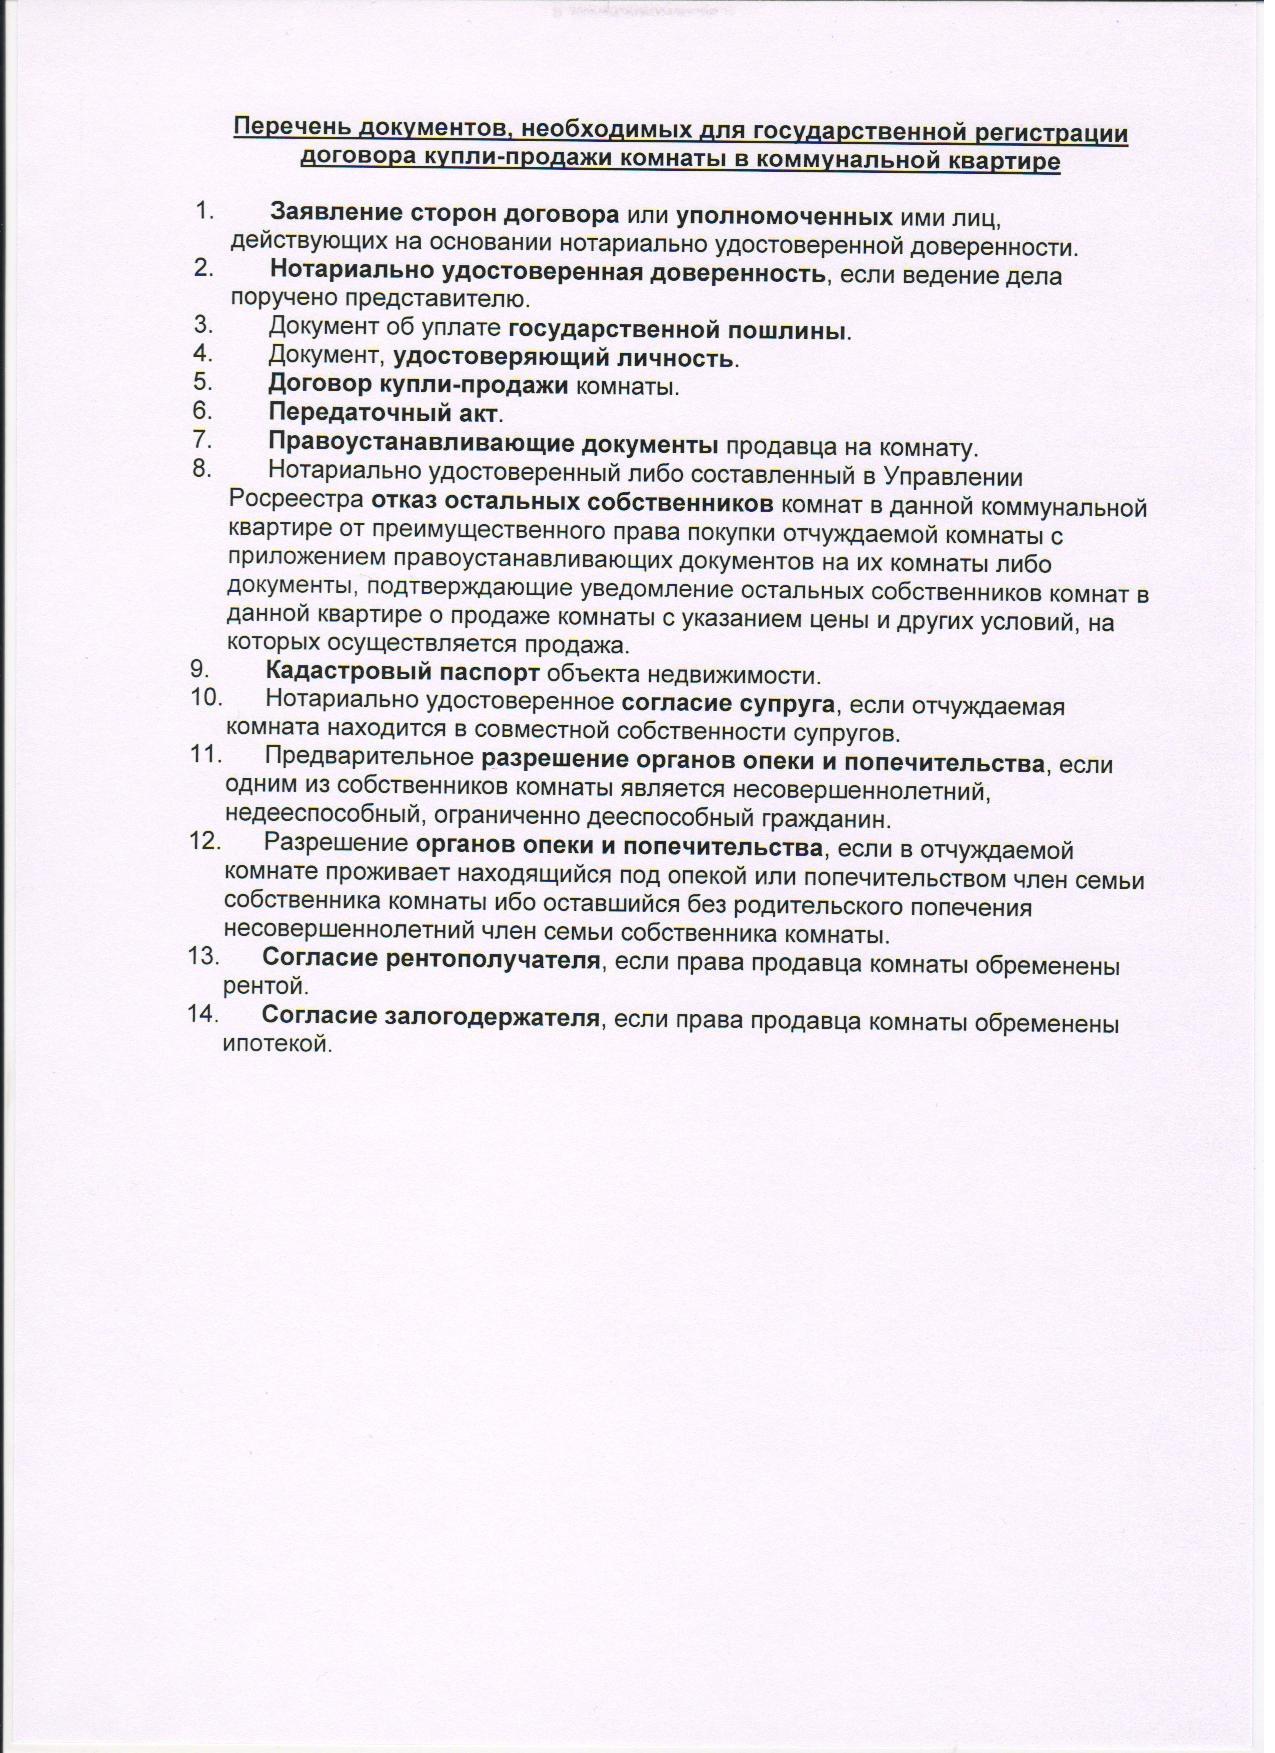 Нотариус города Ликино-Дулёво Ивкина Наталья Викторовна